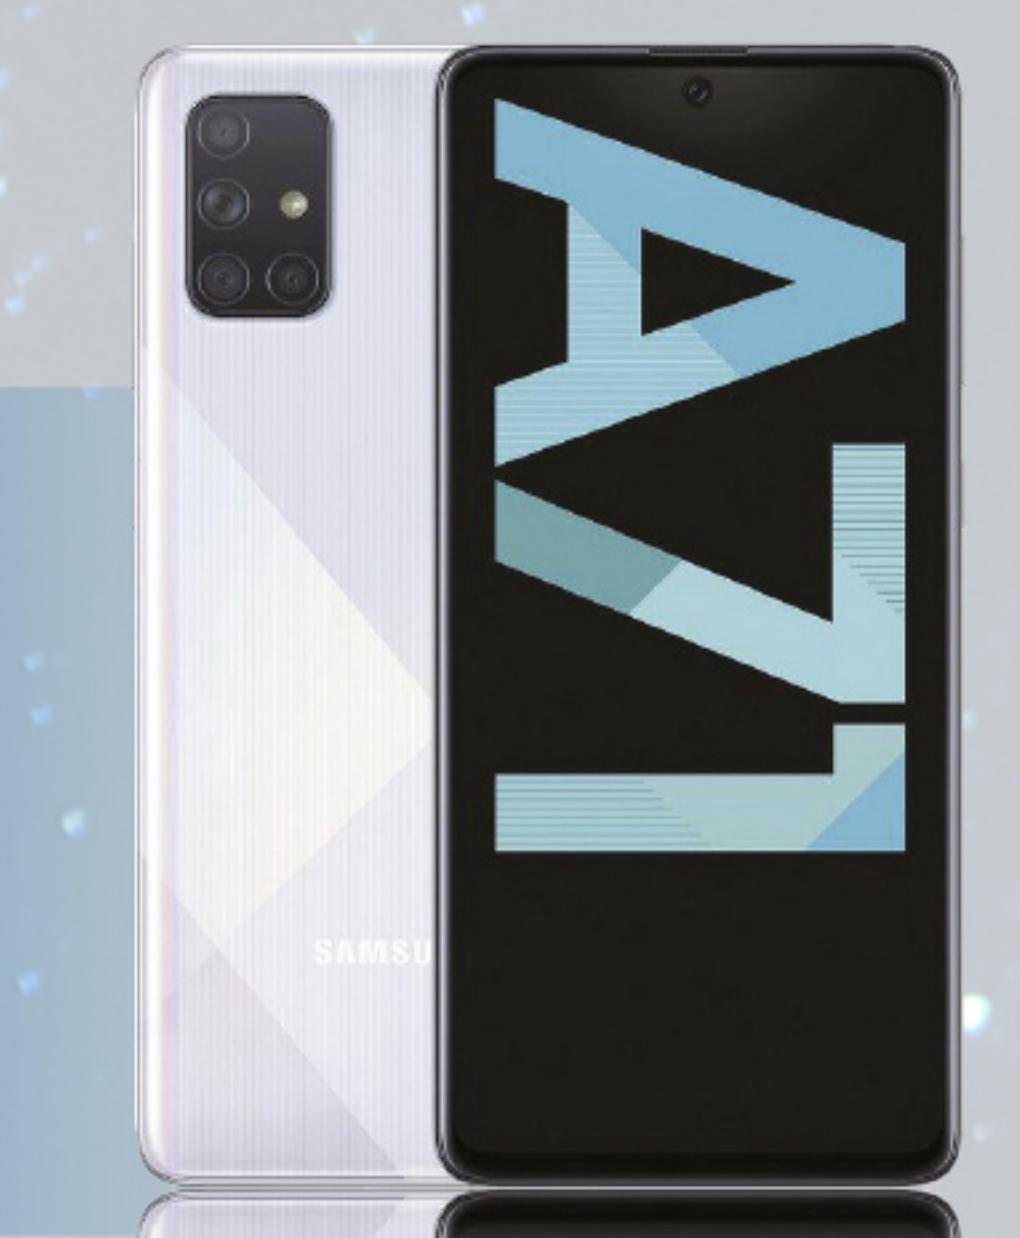 Samsung A71 preciazo para socios de CostCo